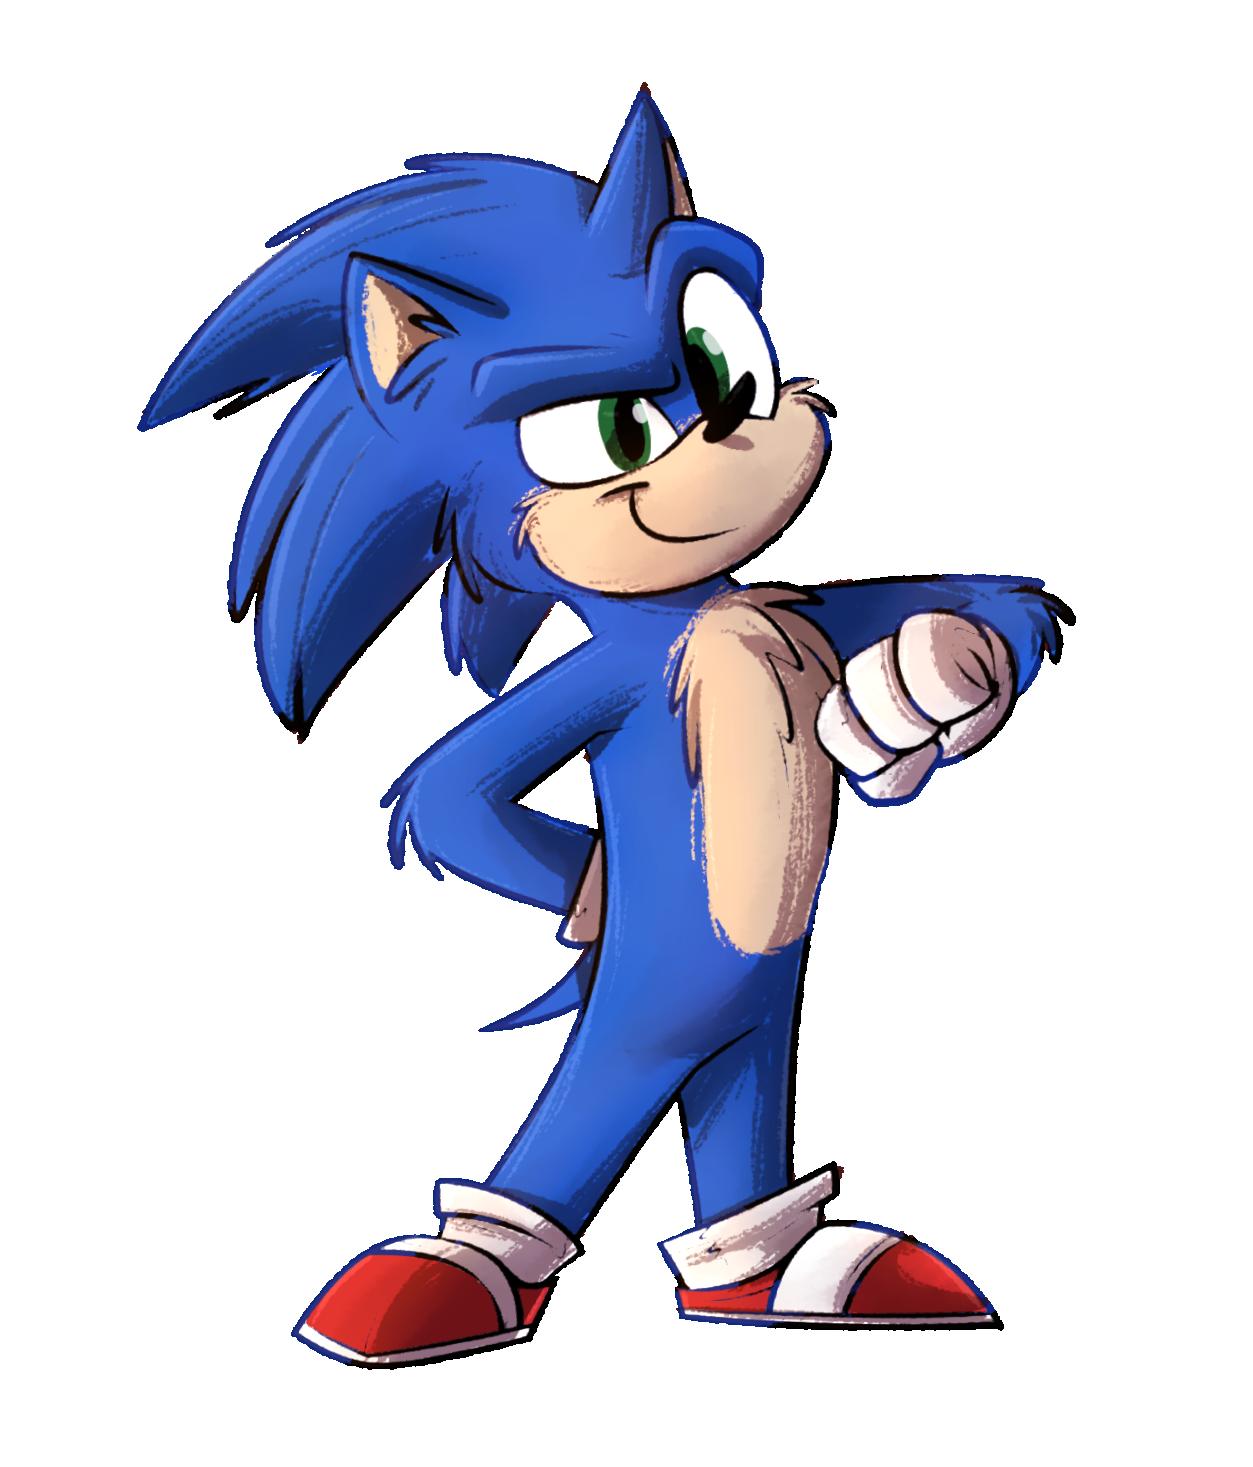 Movie Sonic 2 Baby By Piemationsart On Deviantart